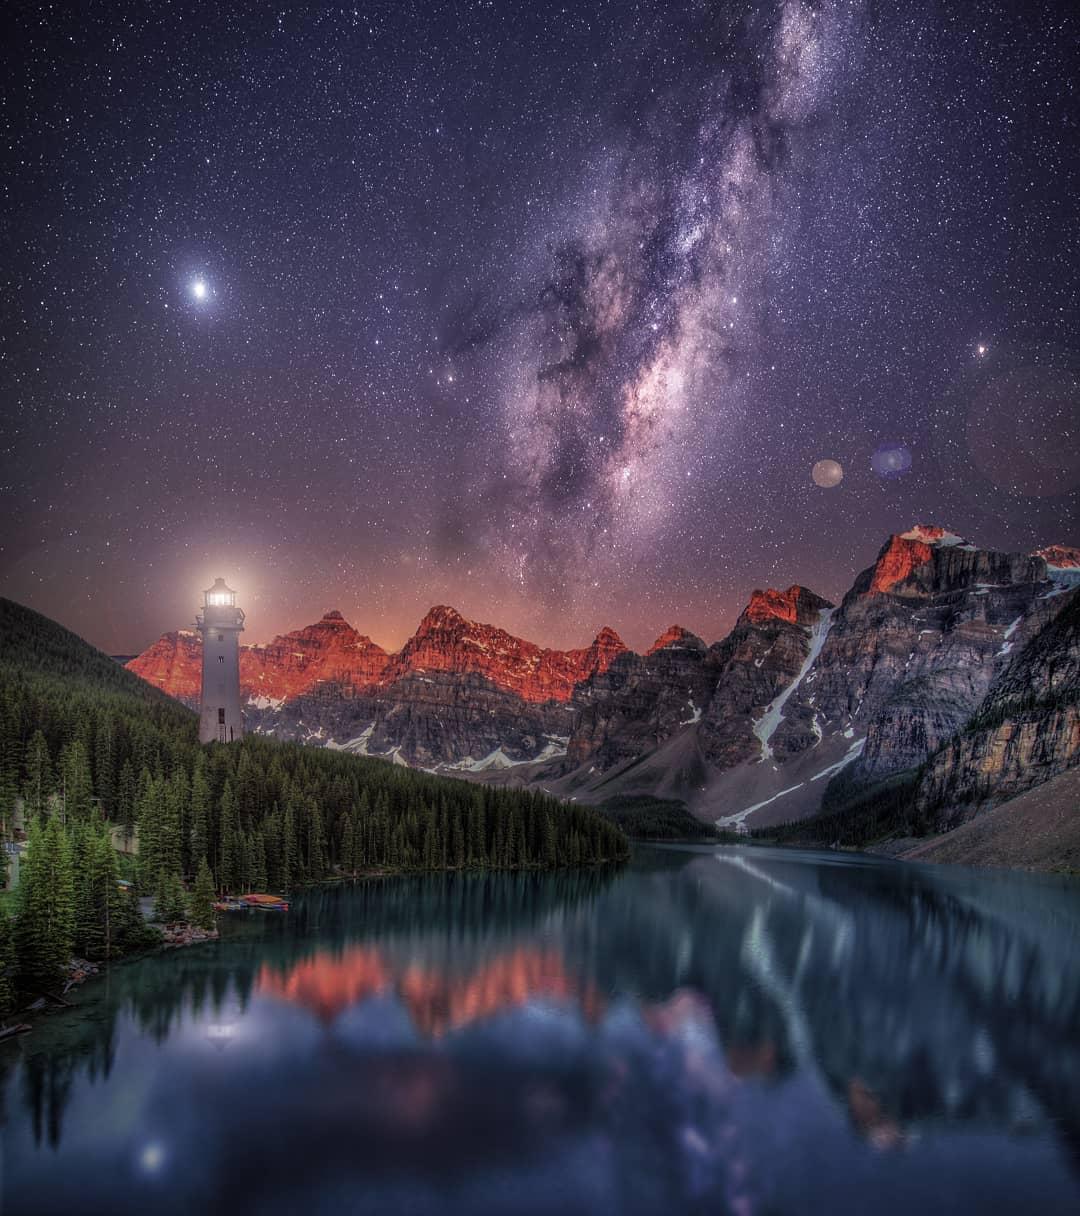 Сказочные пейзажи и туристические снимки Брента Шавнора